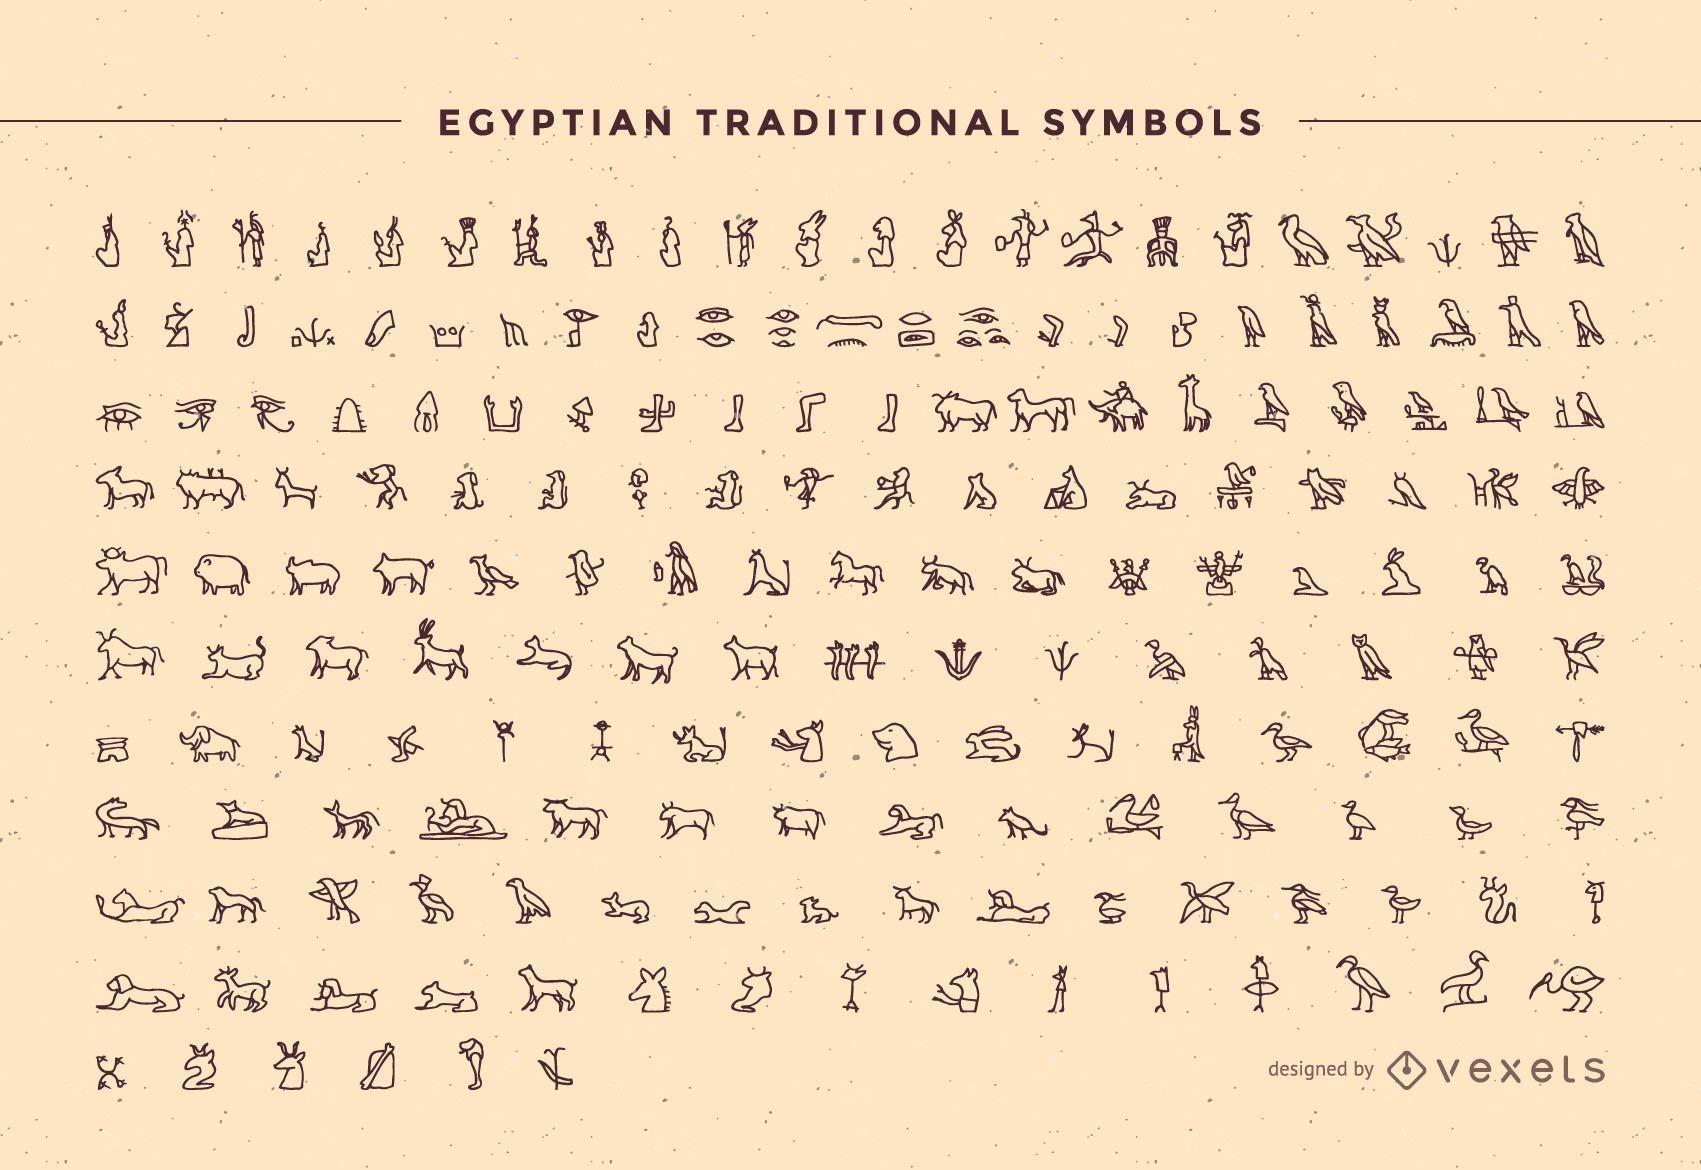 Esbo?o do Pacote de S?mbolos Tradicionais do Egito